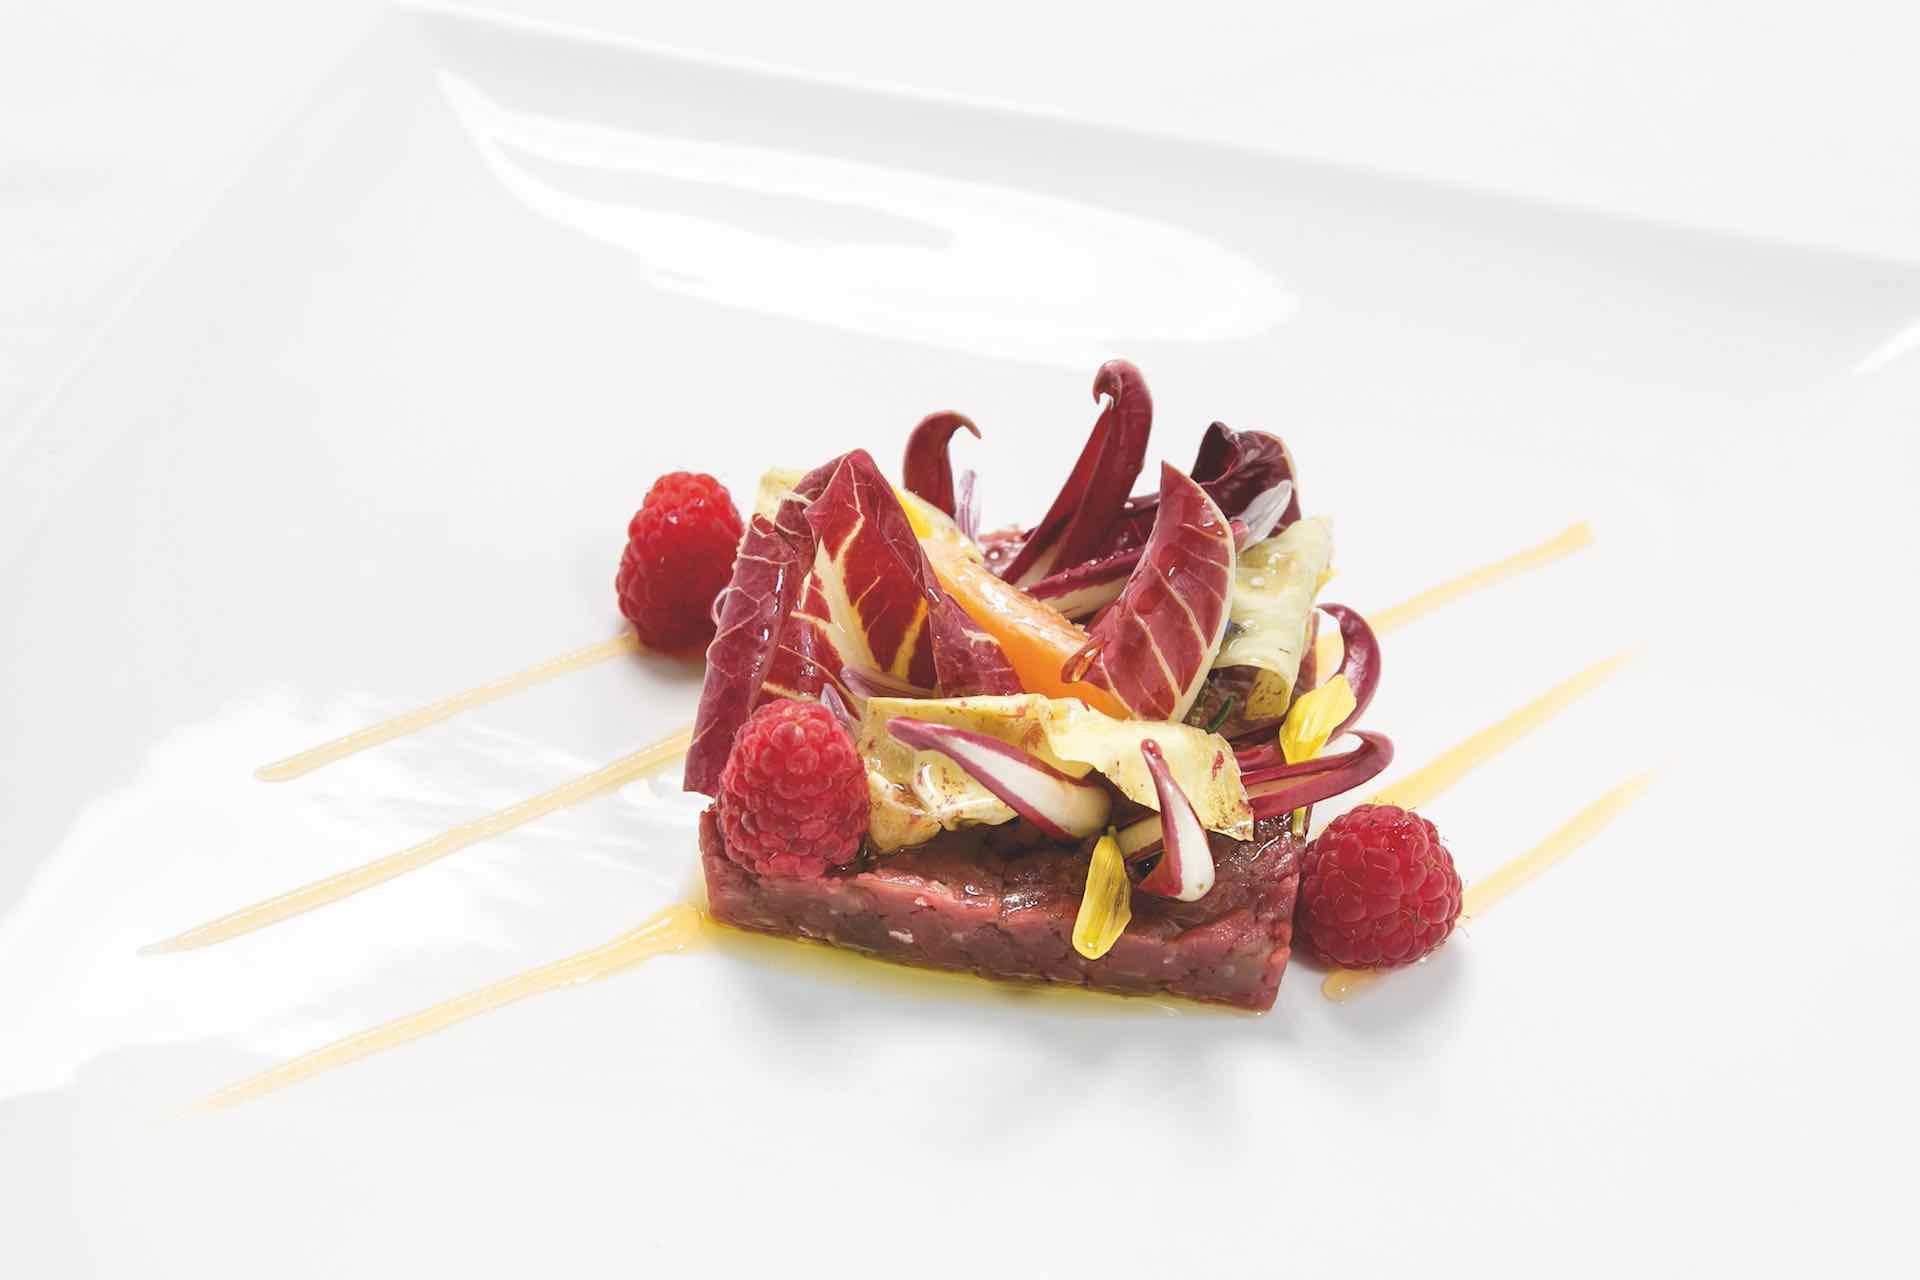 sulle Colline del Prosecco Valdobbiadene trovi ristoranti gourmet per esperienze enogastronomiche durante le vacanze in Veneto